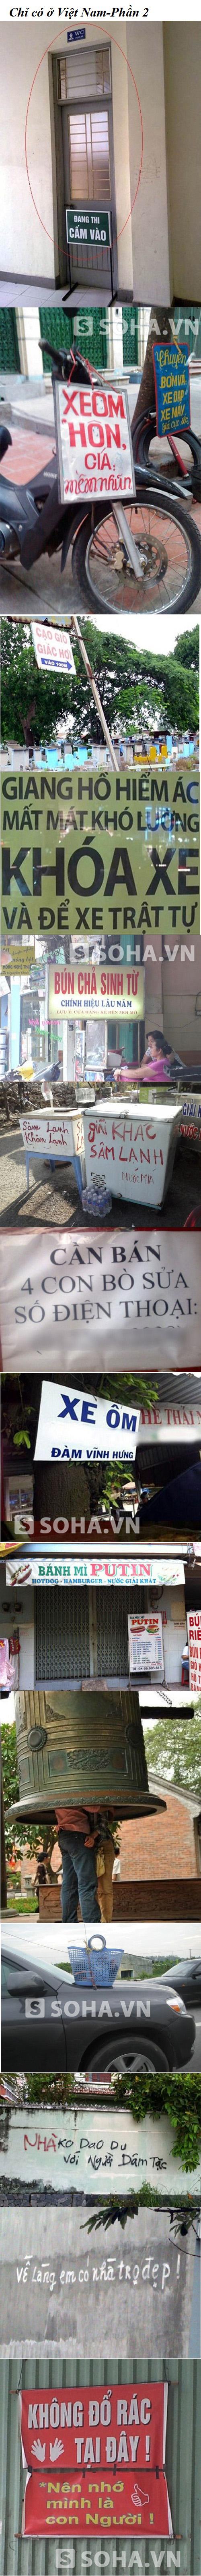 Hình ảnh chỉ có ở Việt Nam-Phần 2